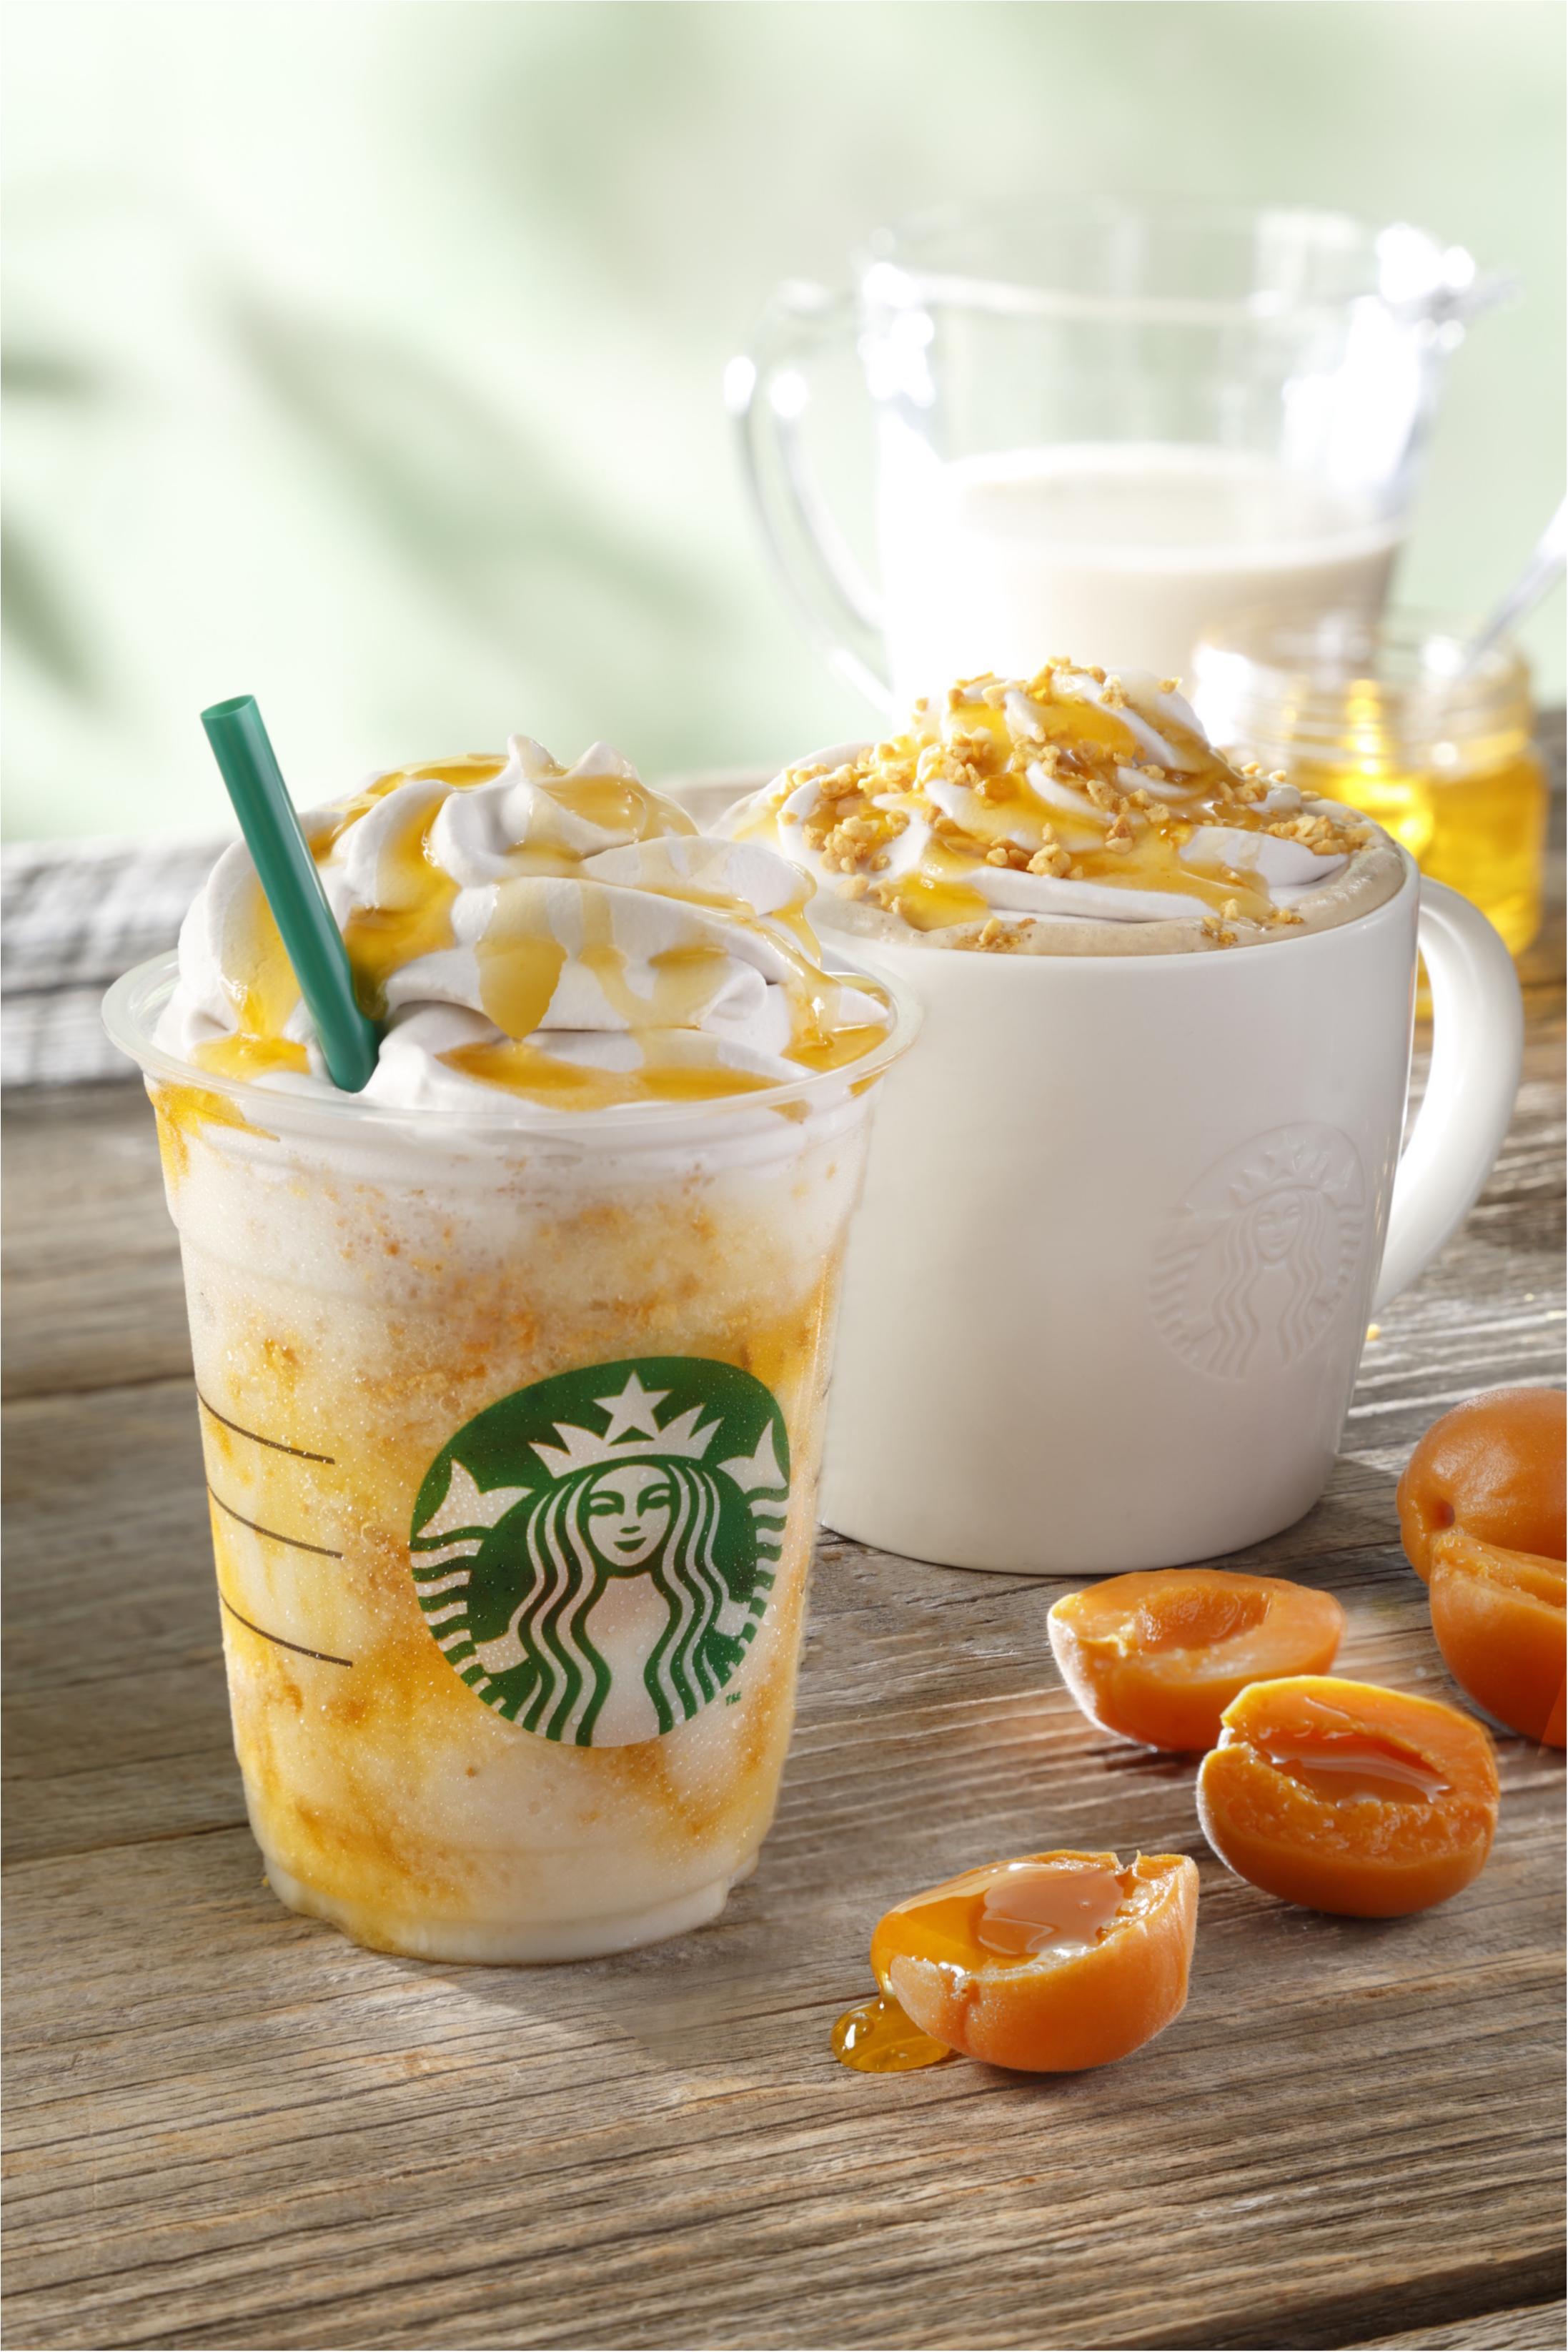 『スターバックス』の新作は、豆乳の甘み引き立つアプリコット♡_1